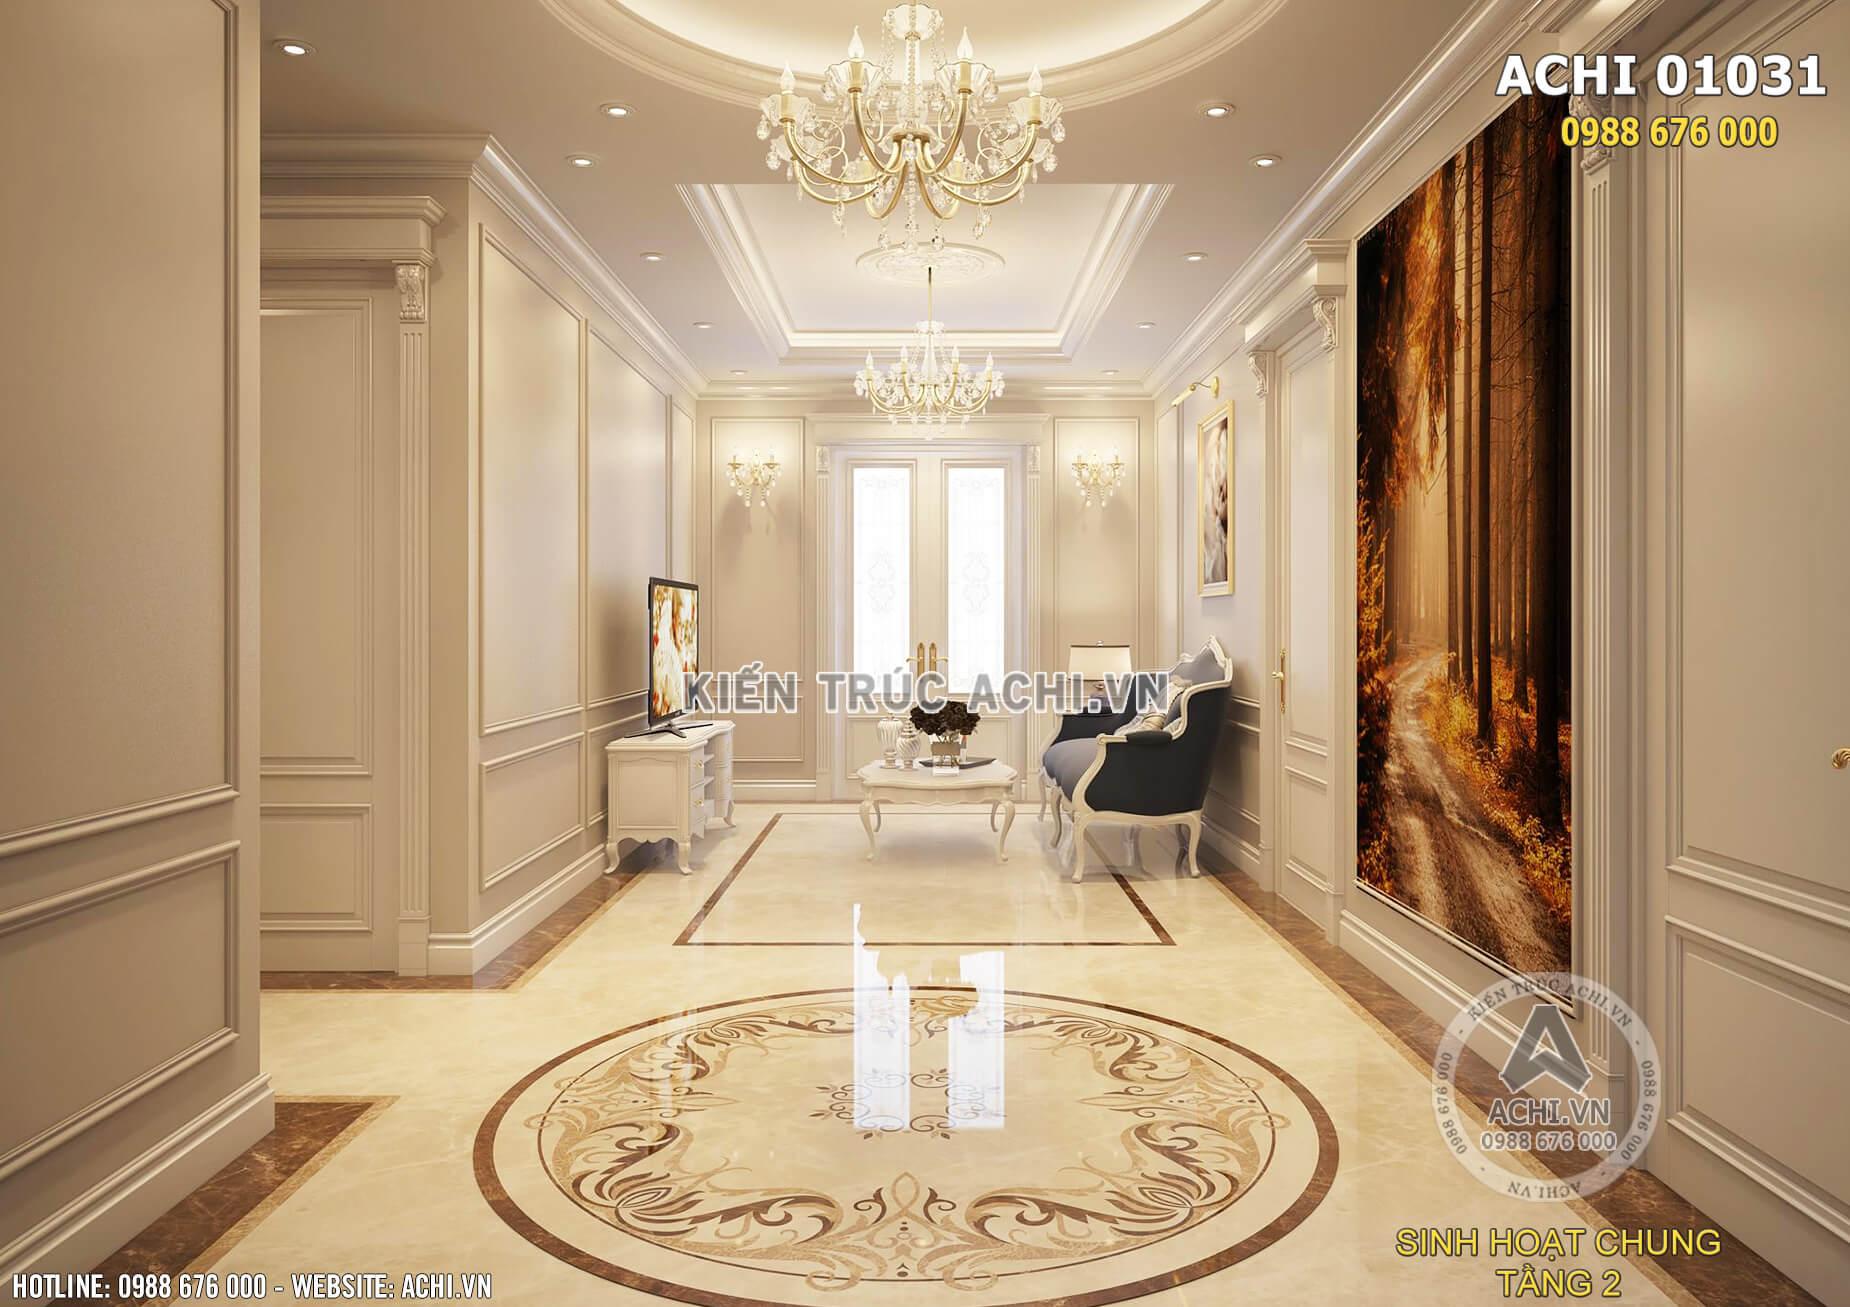 Không gian nội thất phòng sinh hoạt chung tại tầng 2 của ngôi biệt thự